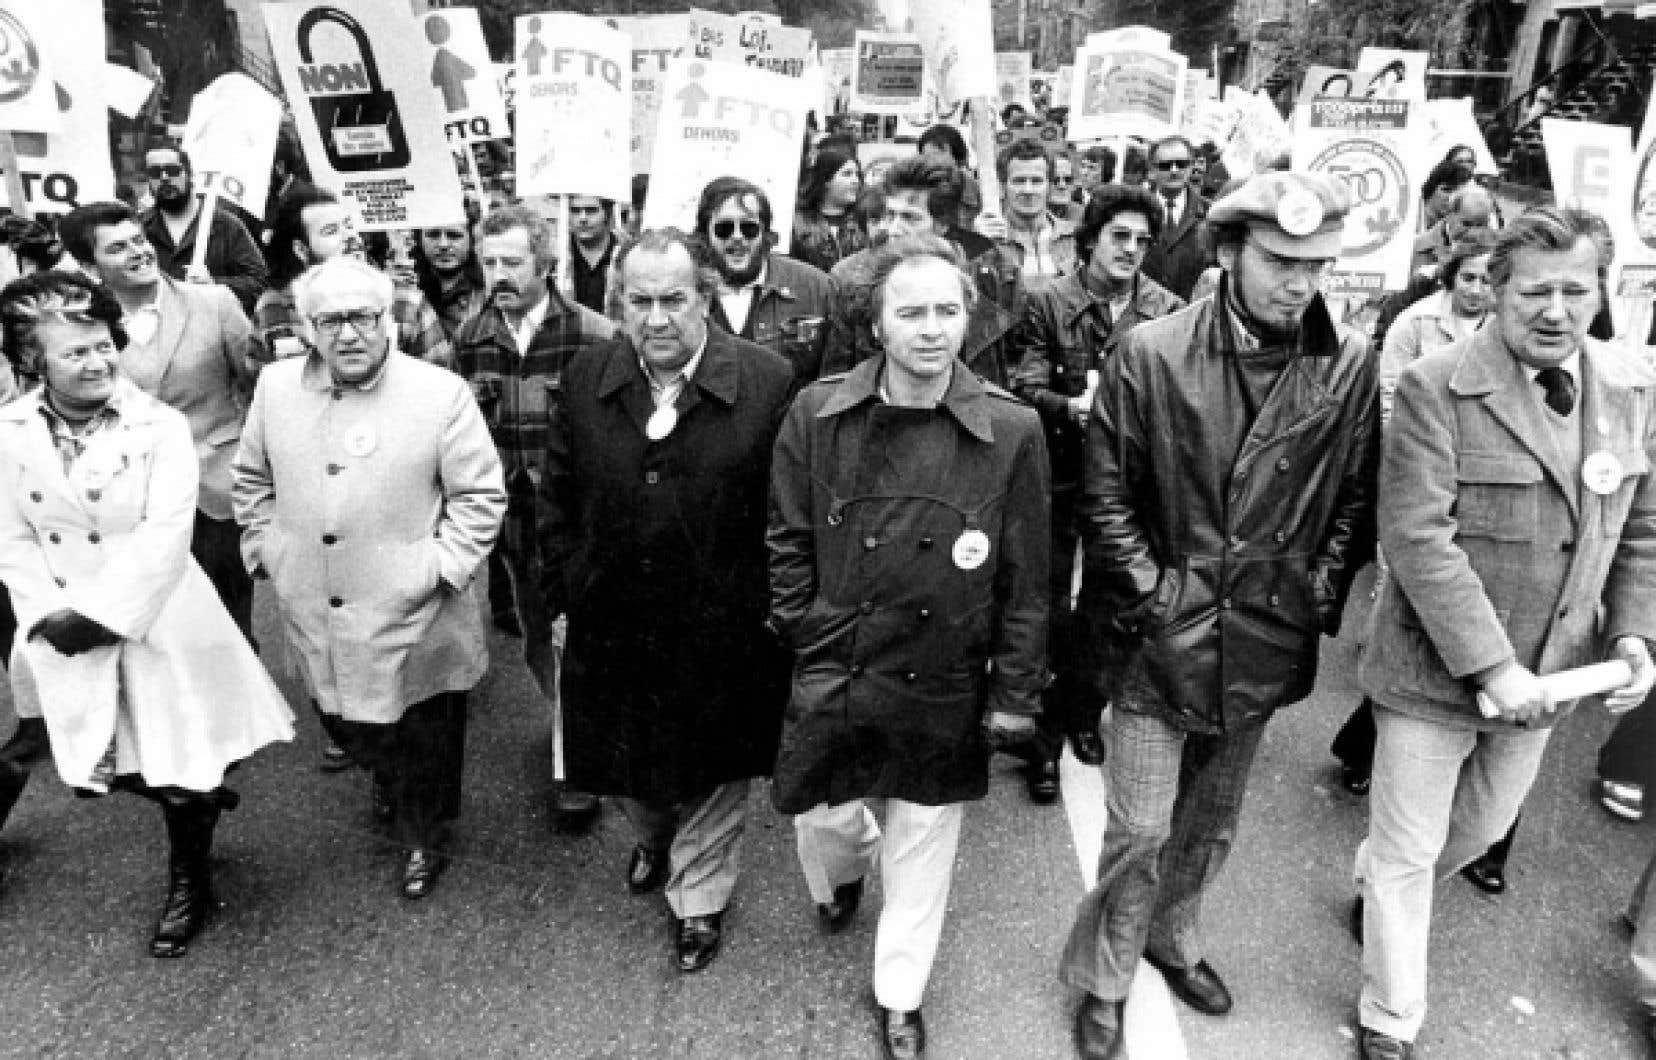 Des chefs d&eacute;filent pour s&rsquo;opposer aux mesures anti-inflationnistes &agrave; Montr&eacute;al, le 14 octobre 1976.<br />